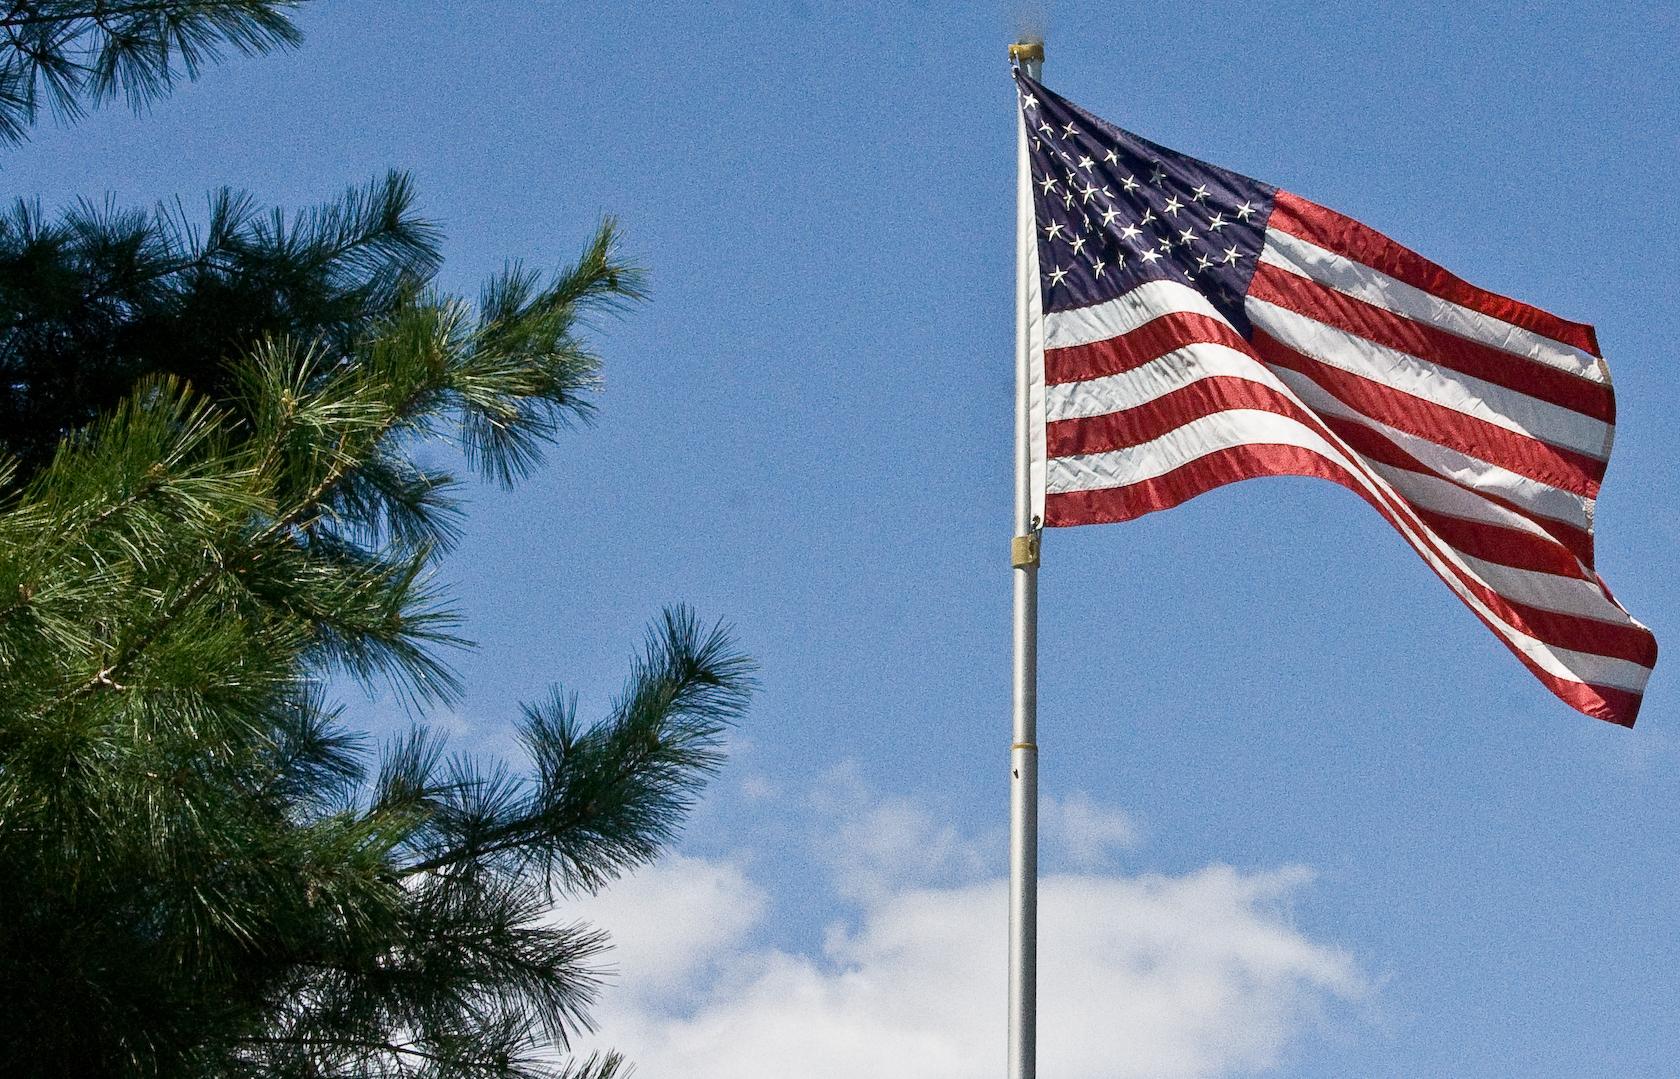 US Flag & pine